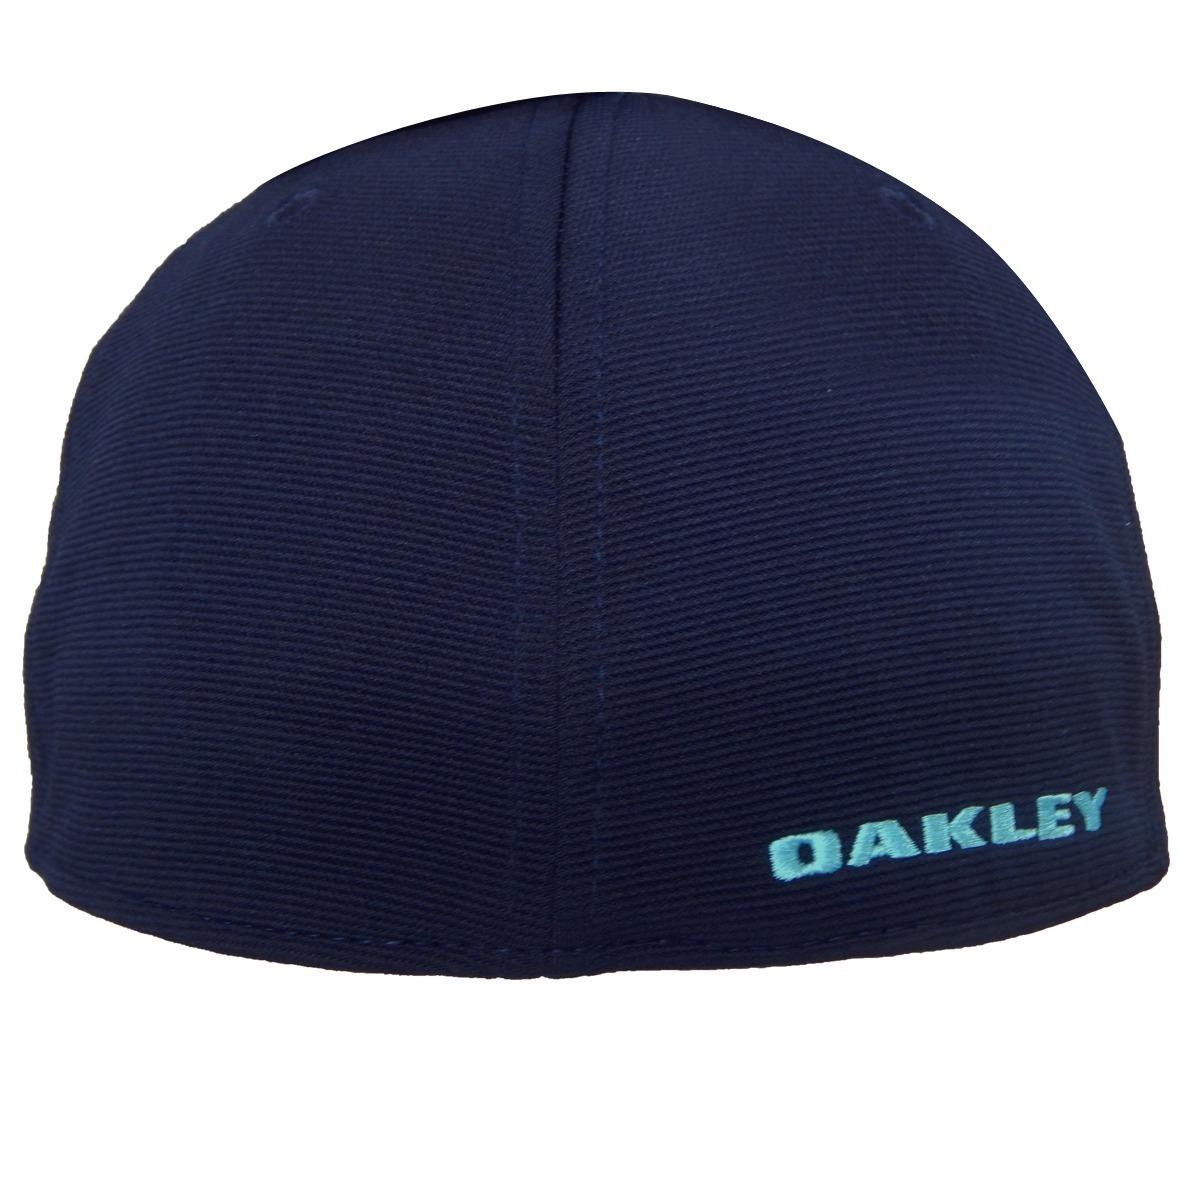 boné oakley azul marinho tincan (pequeno médio) original. Carregando zoom. 773781eb31a